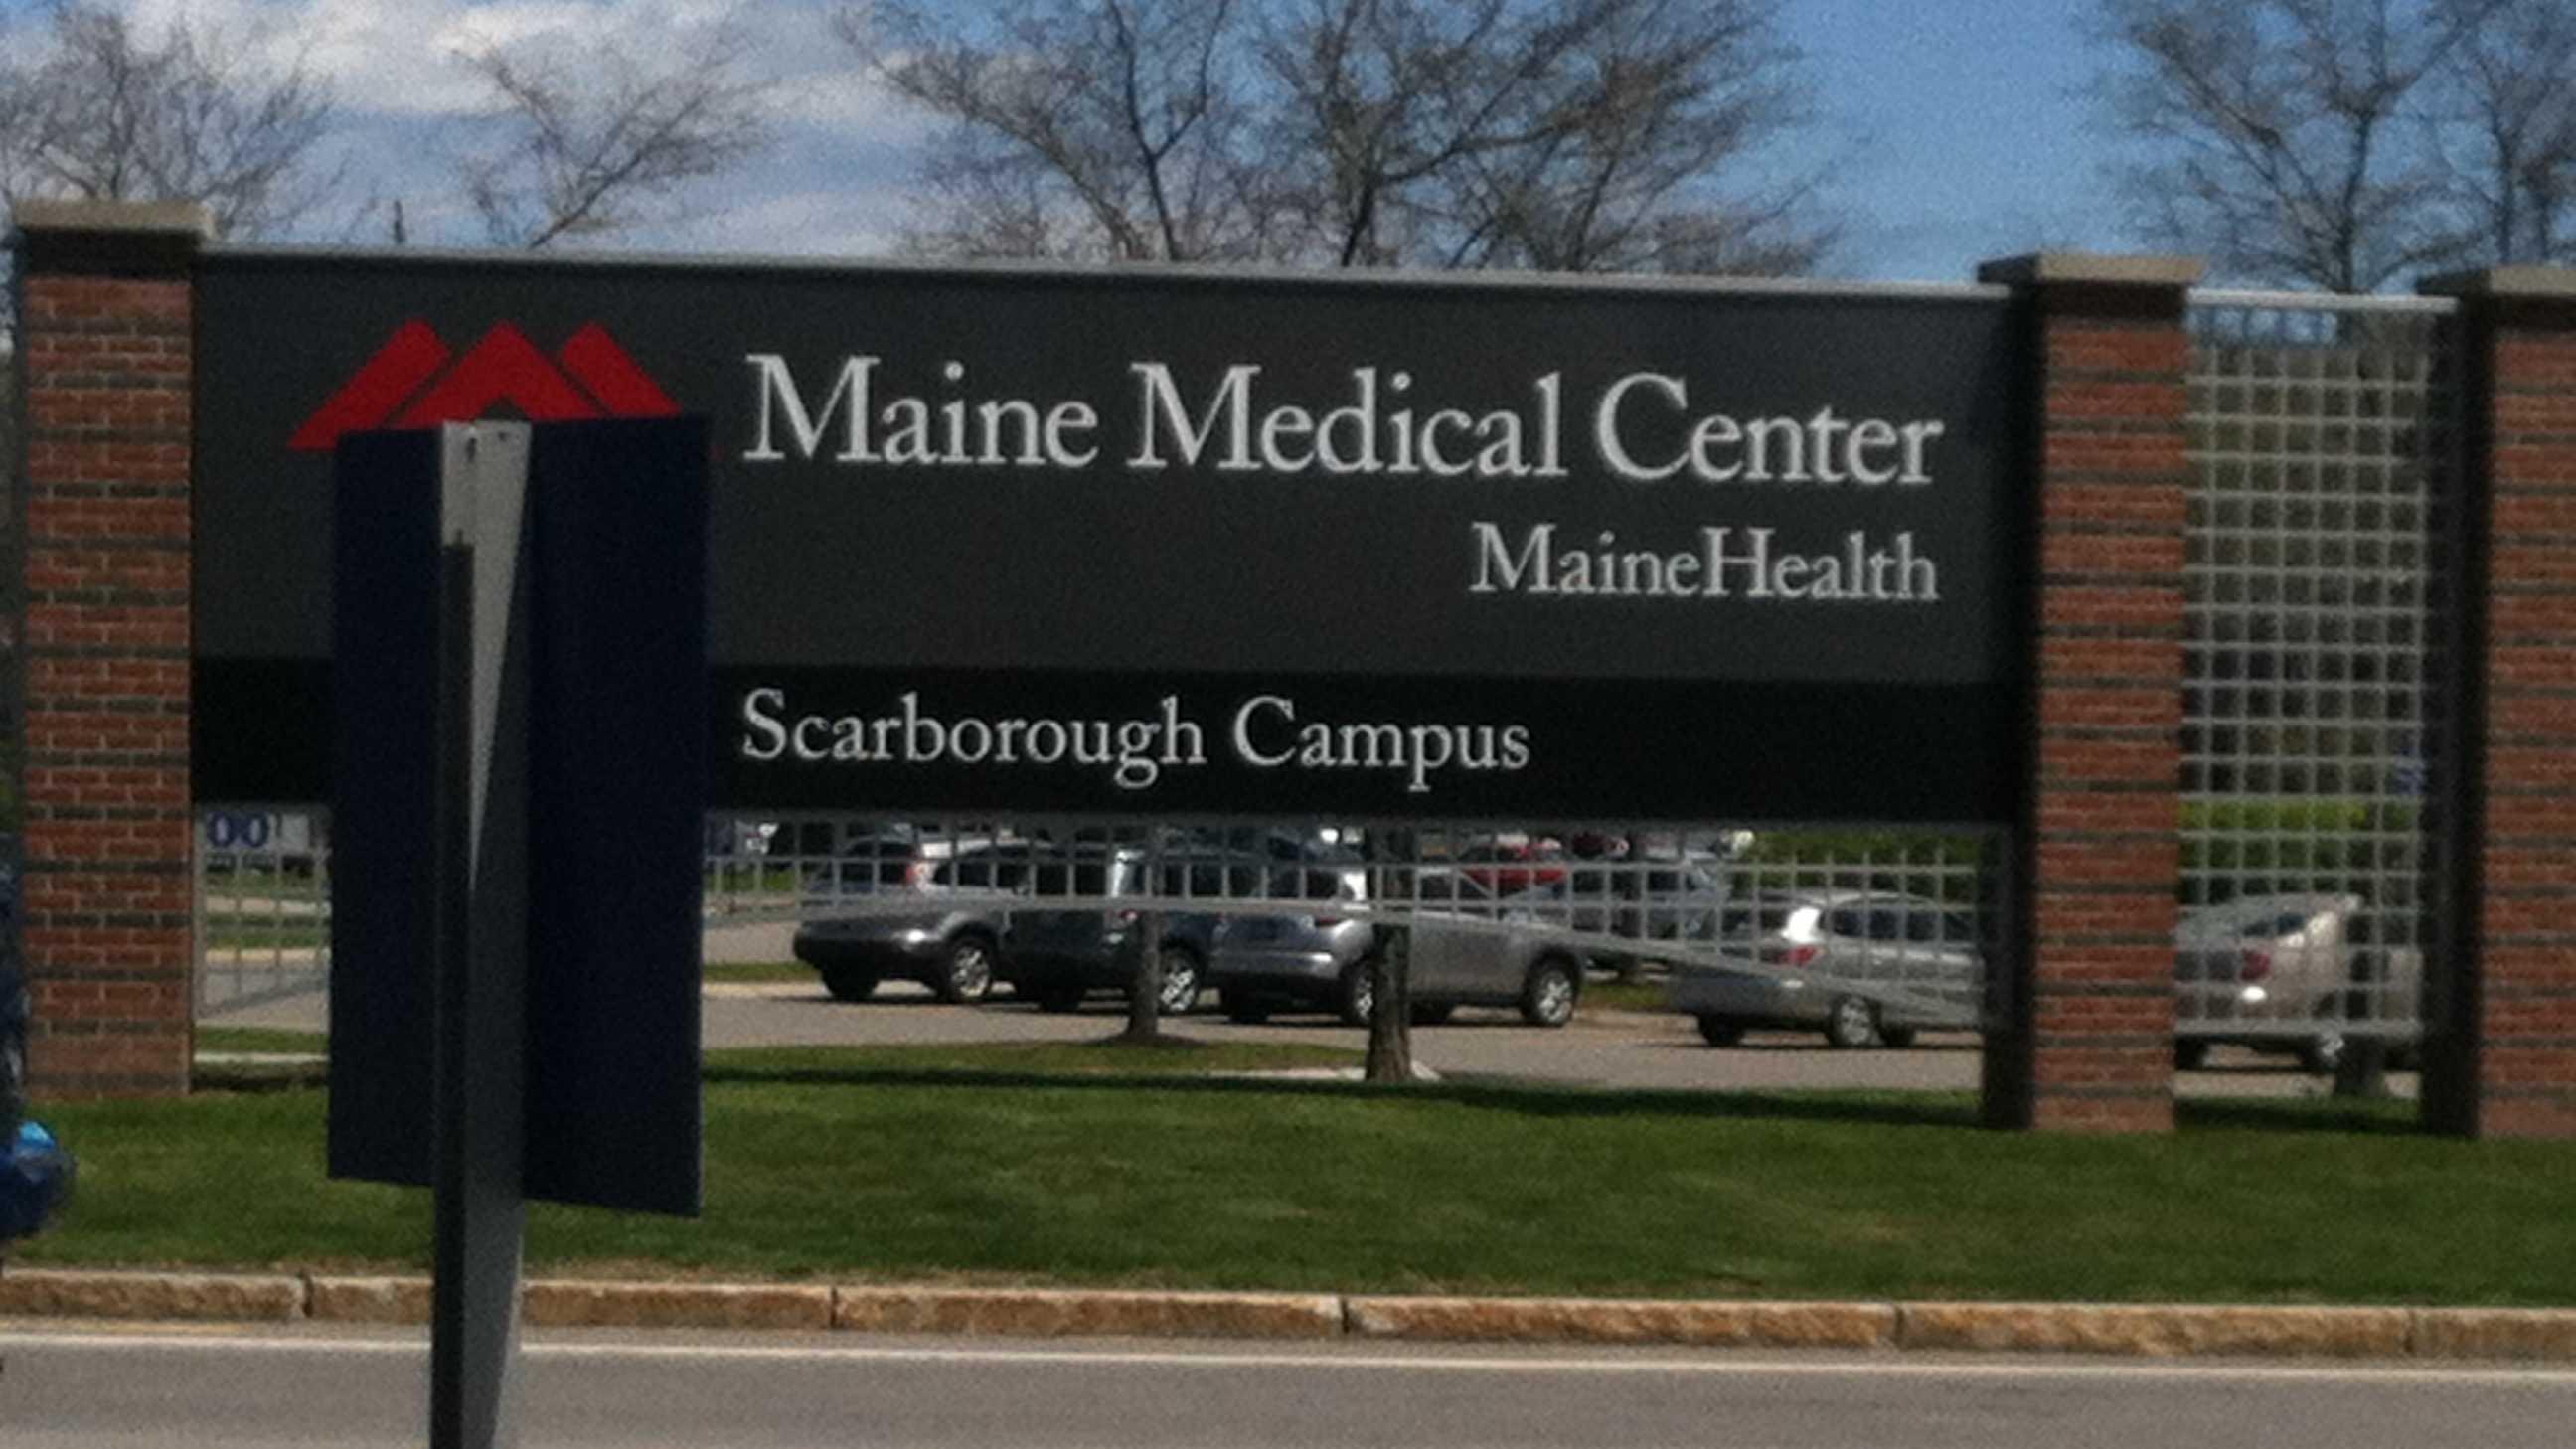 Maine Medical Center, Scarborough